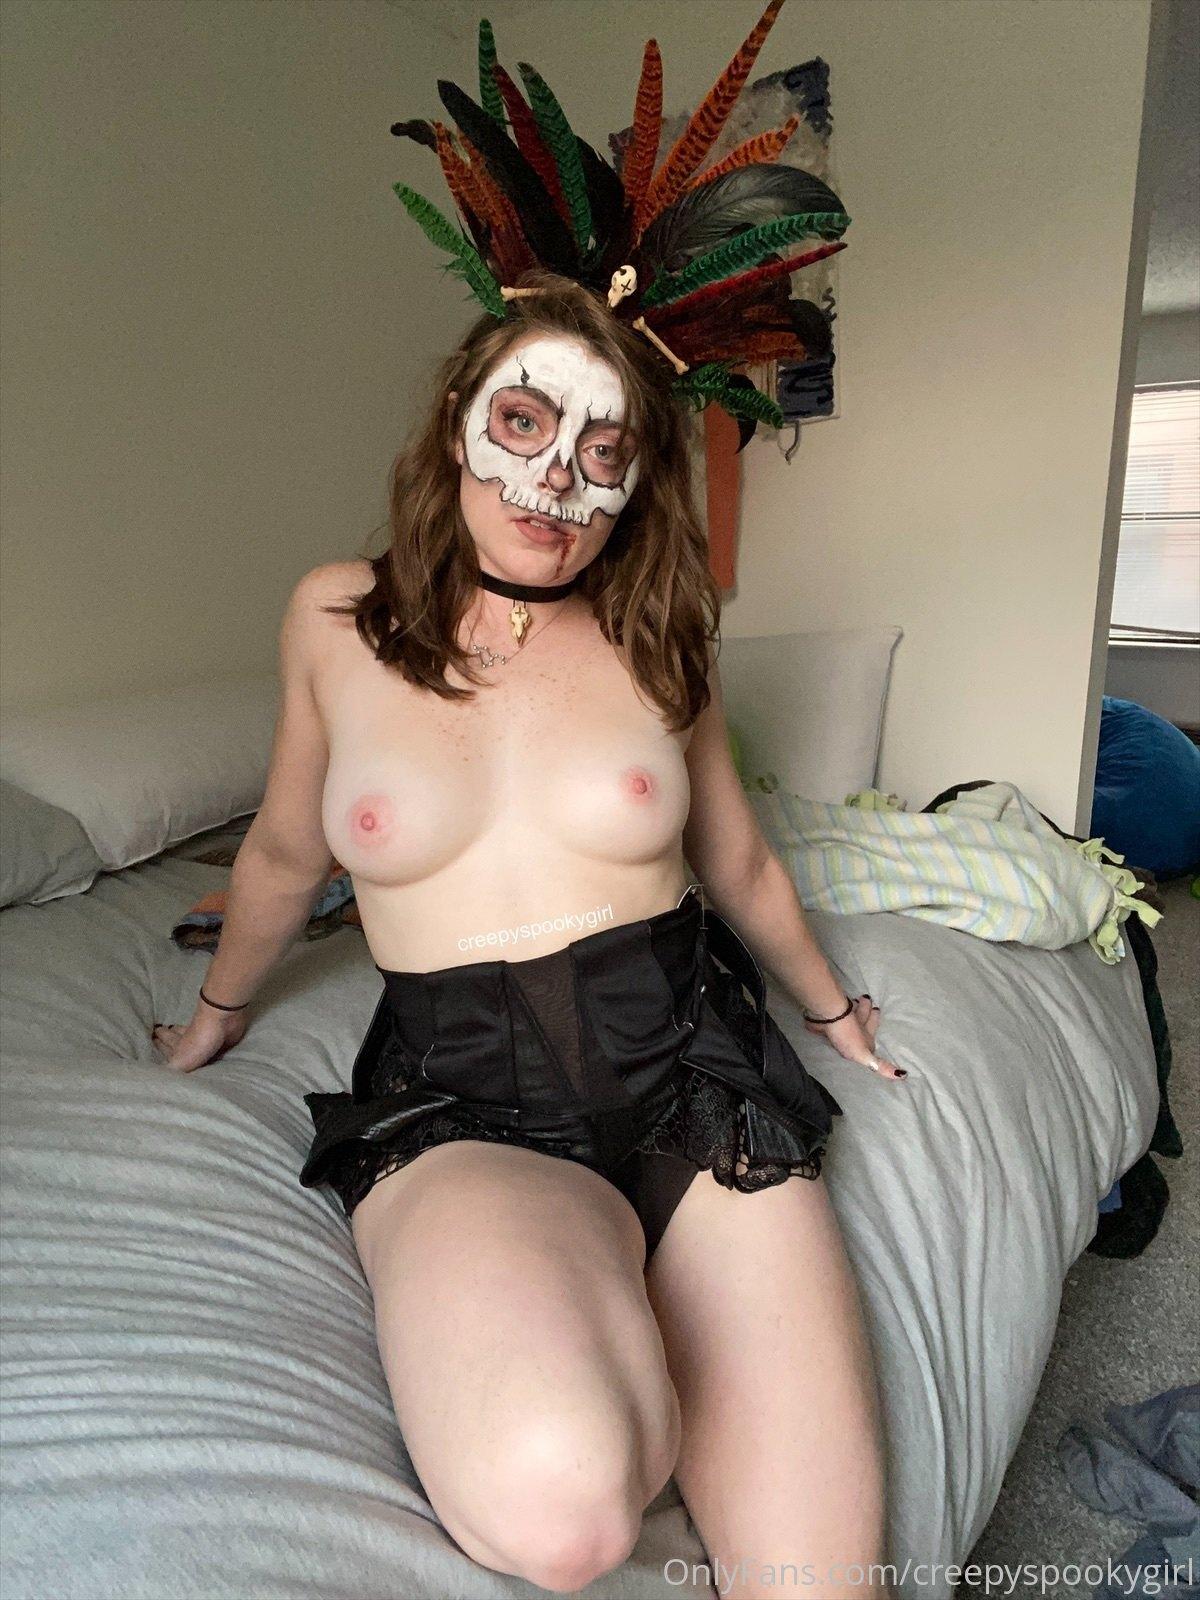 Creepy And Spooky As Always, Creepyspookygirl, Onlyfans 0069